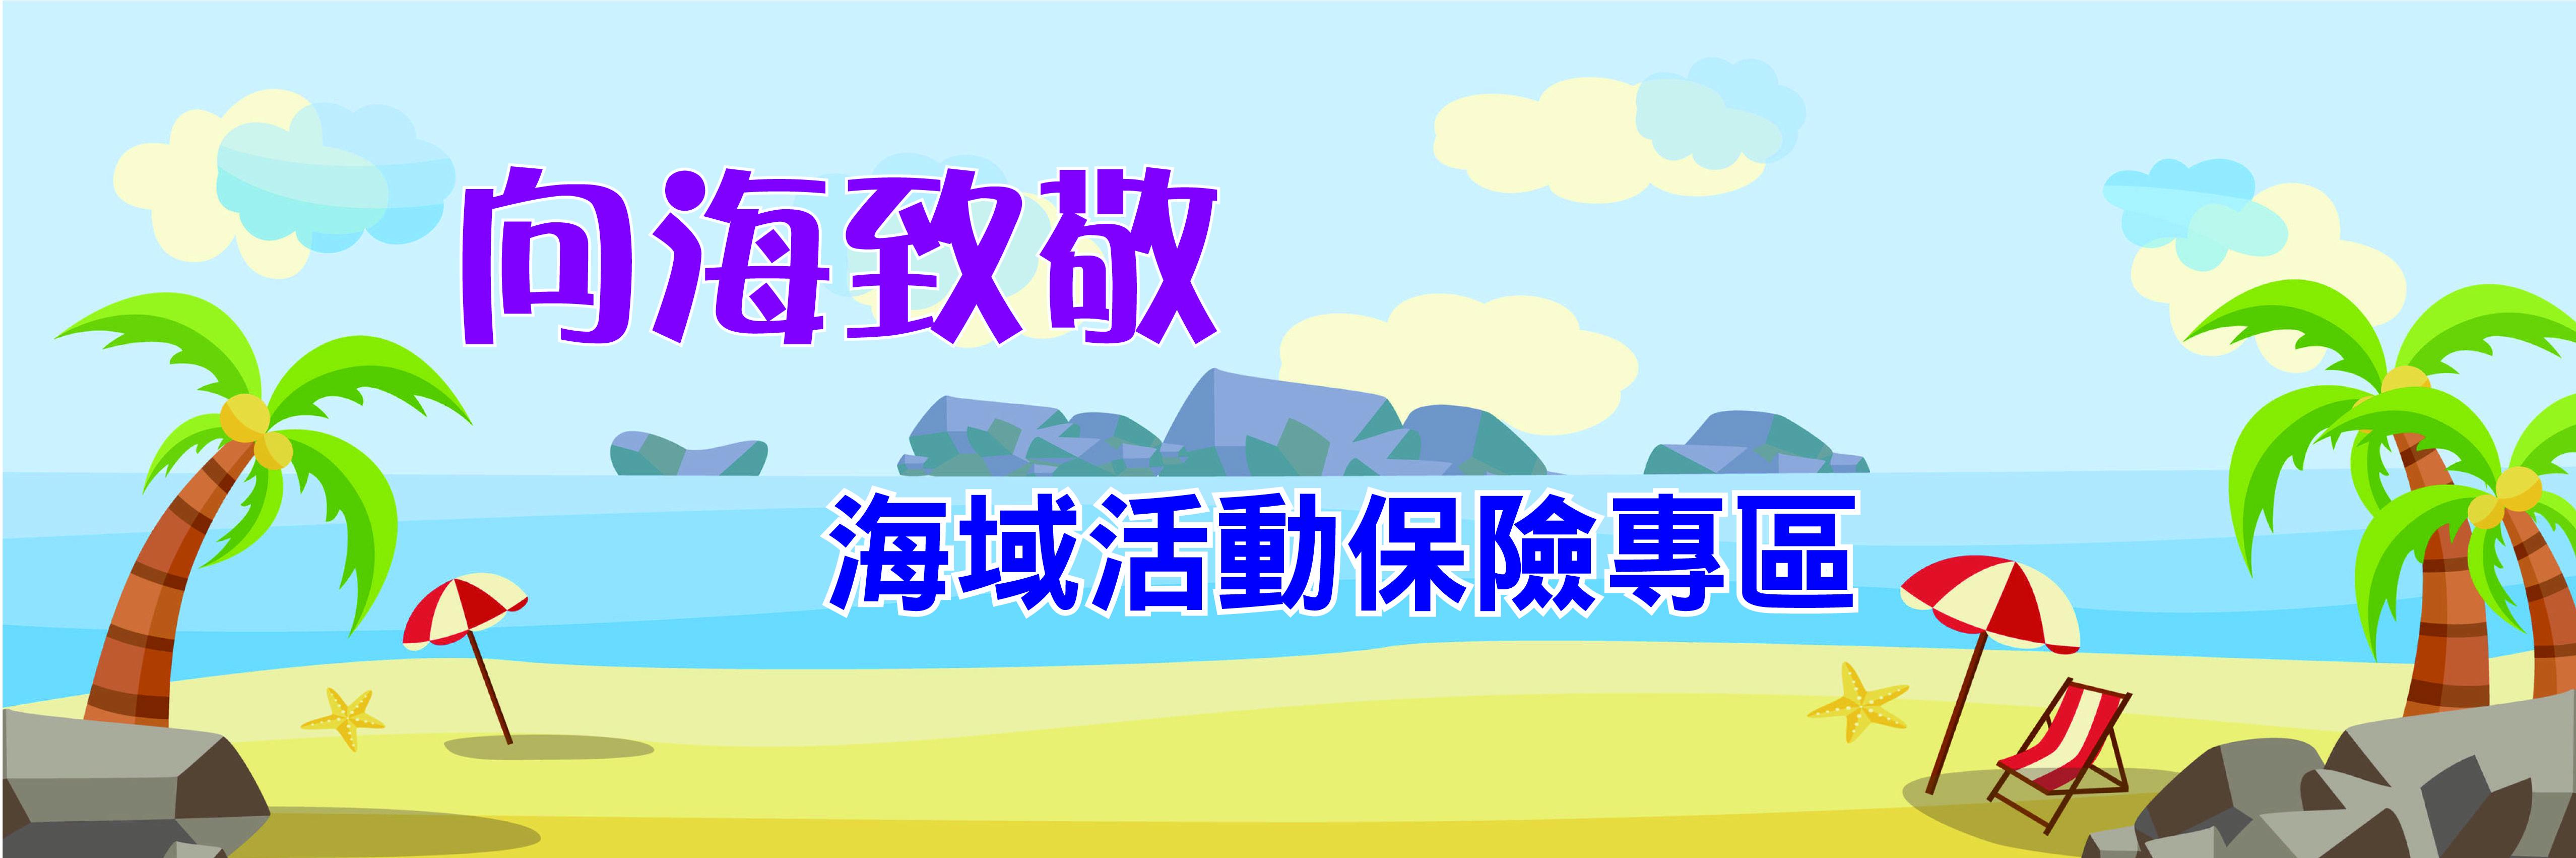 海域活動保險